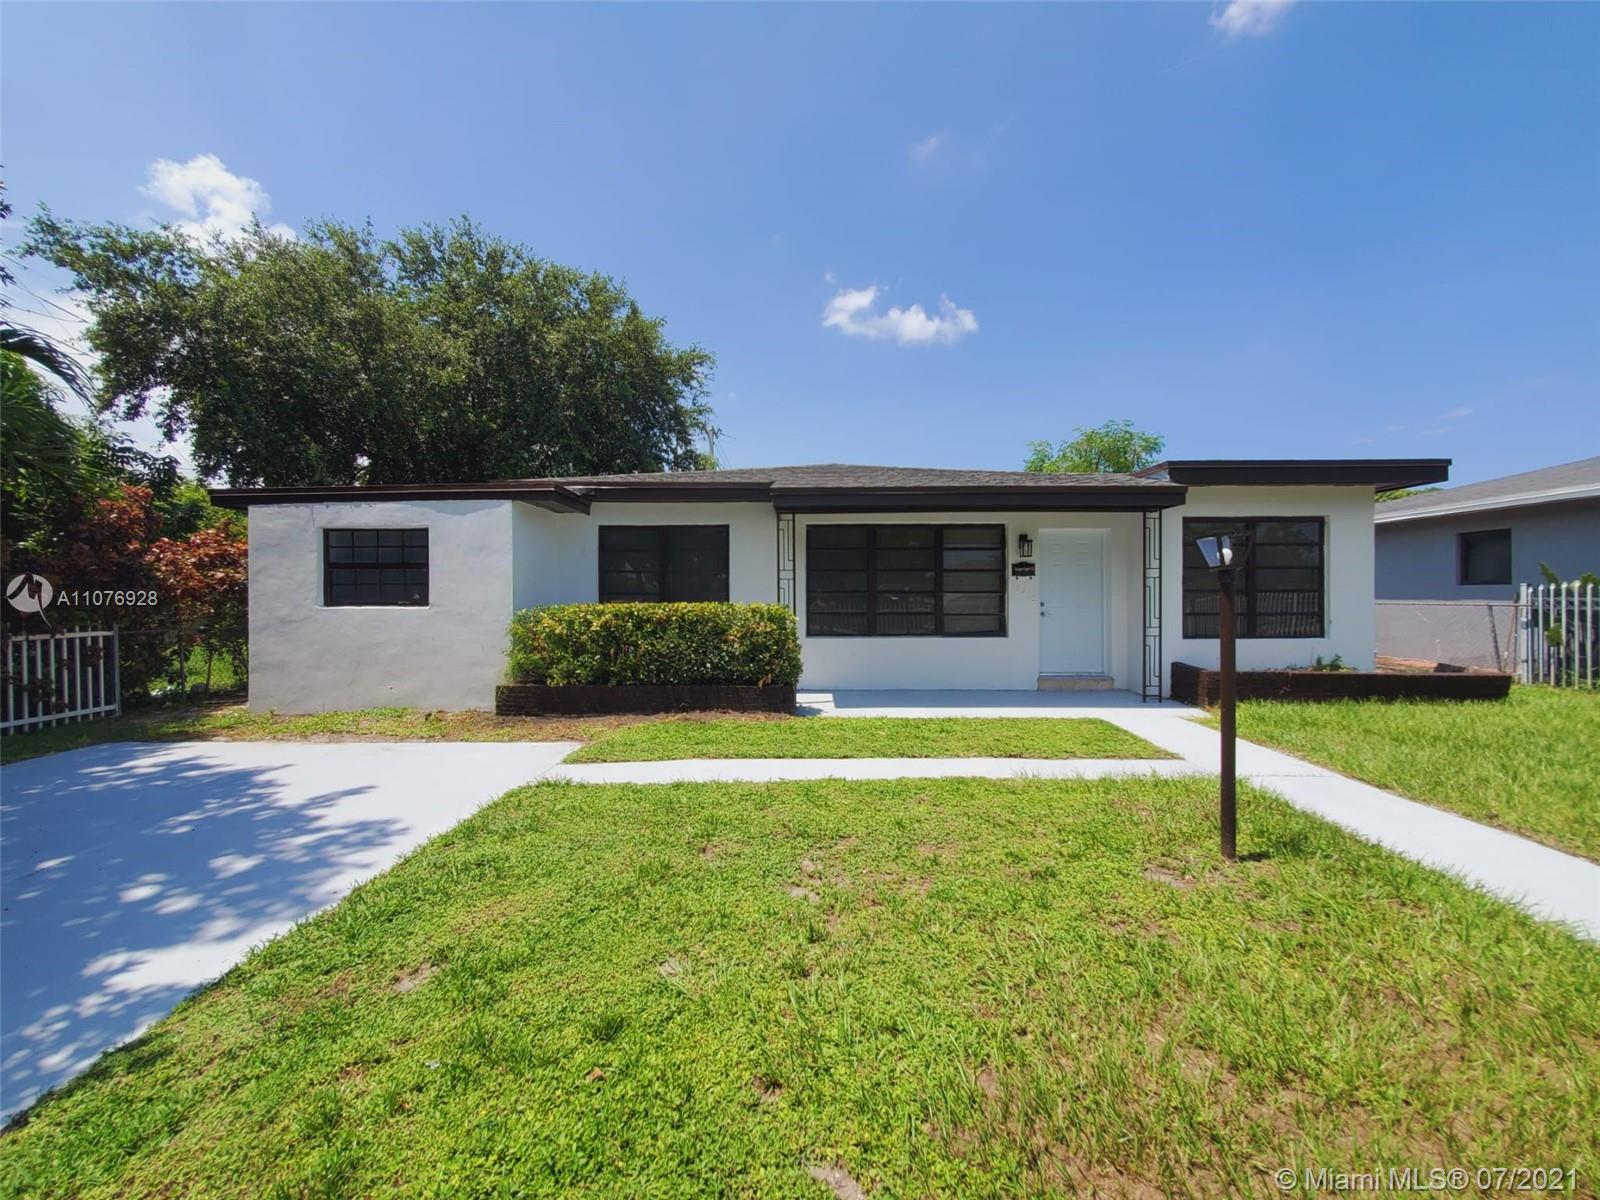 North Miami Beach - 1321 NE 160th St, North Miami Beach, FL 33162